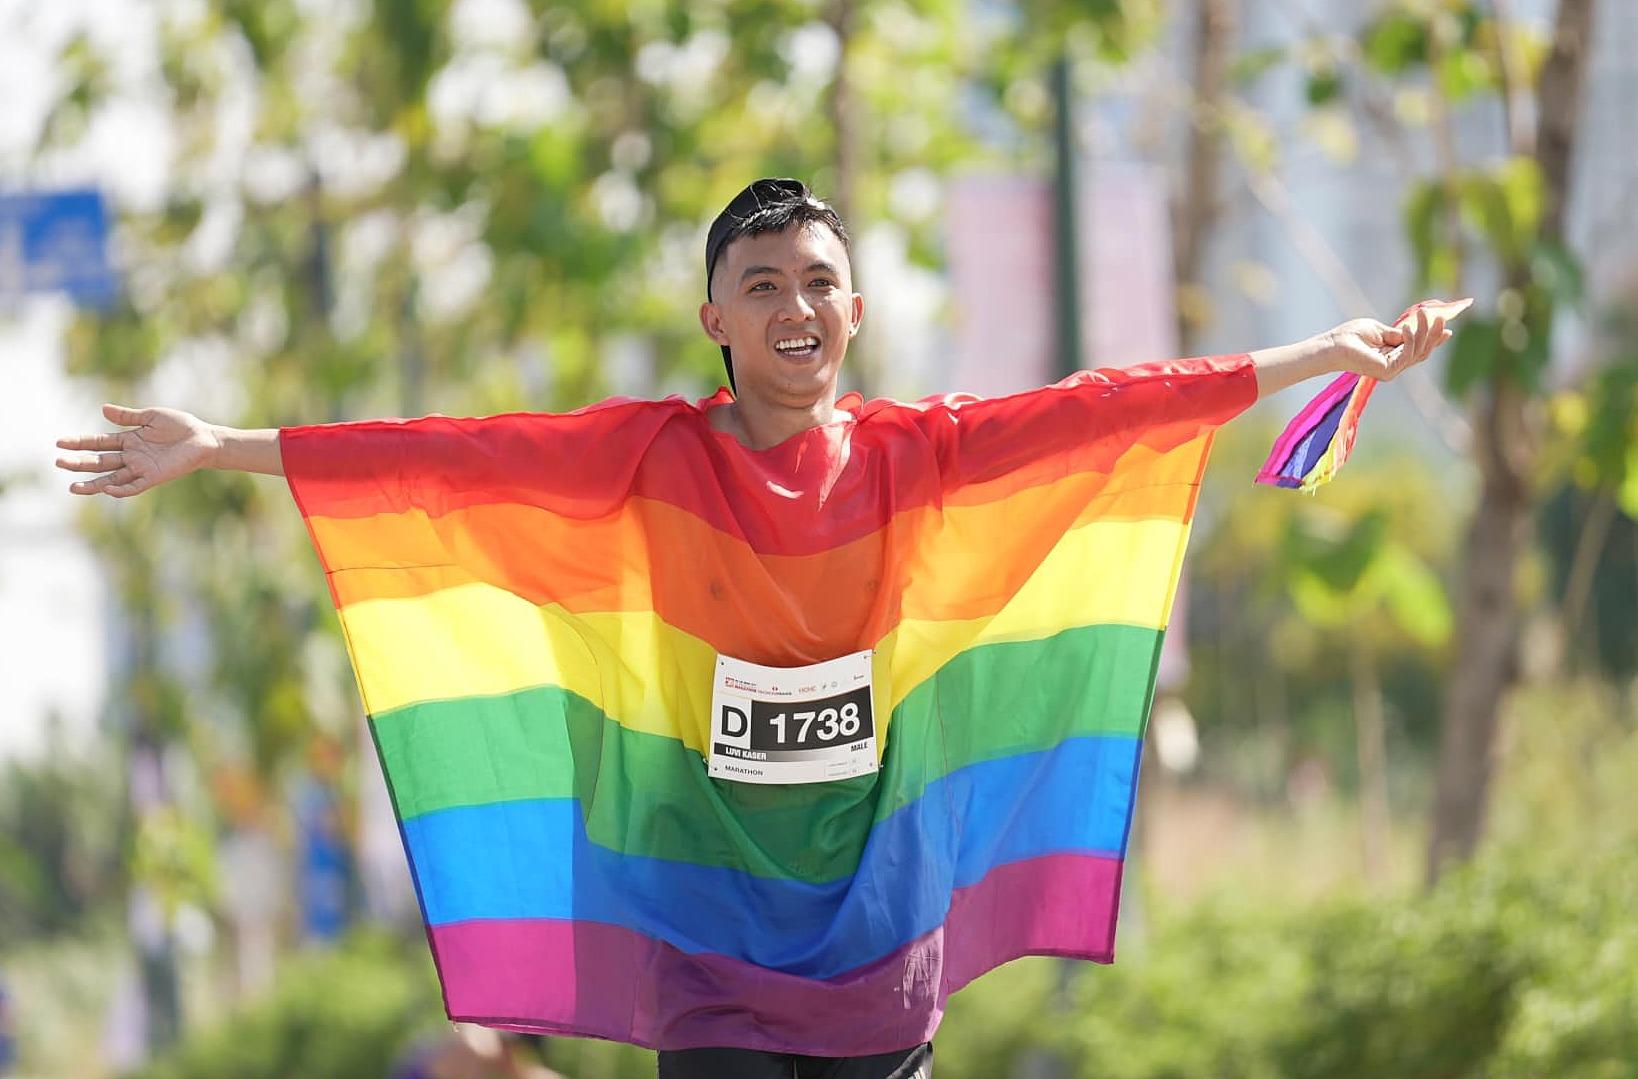 Nguyễn Hoài Phương cosplay trang phục lá cờ 7 màu, đại diện cho cộng đồng LGBT tại một giải chạy tổ chức ở TP HCM hôm 11/4. Ảnh:FBNV.